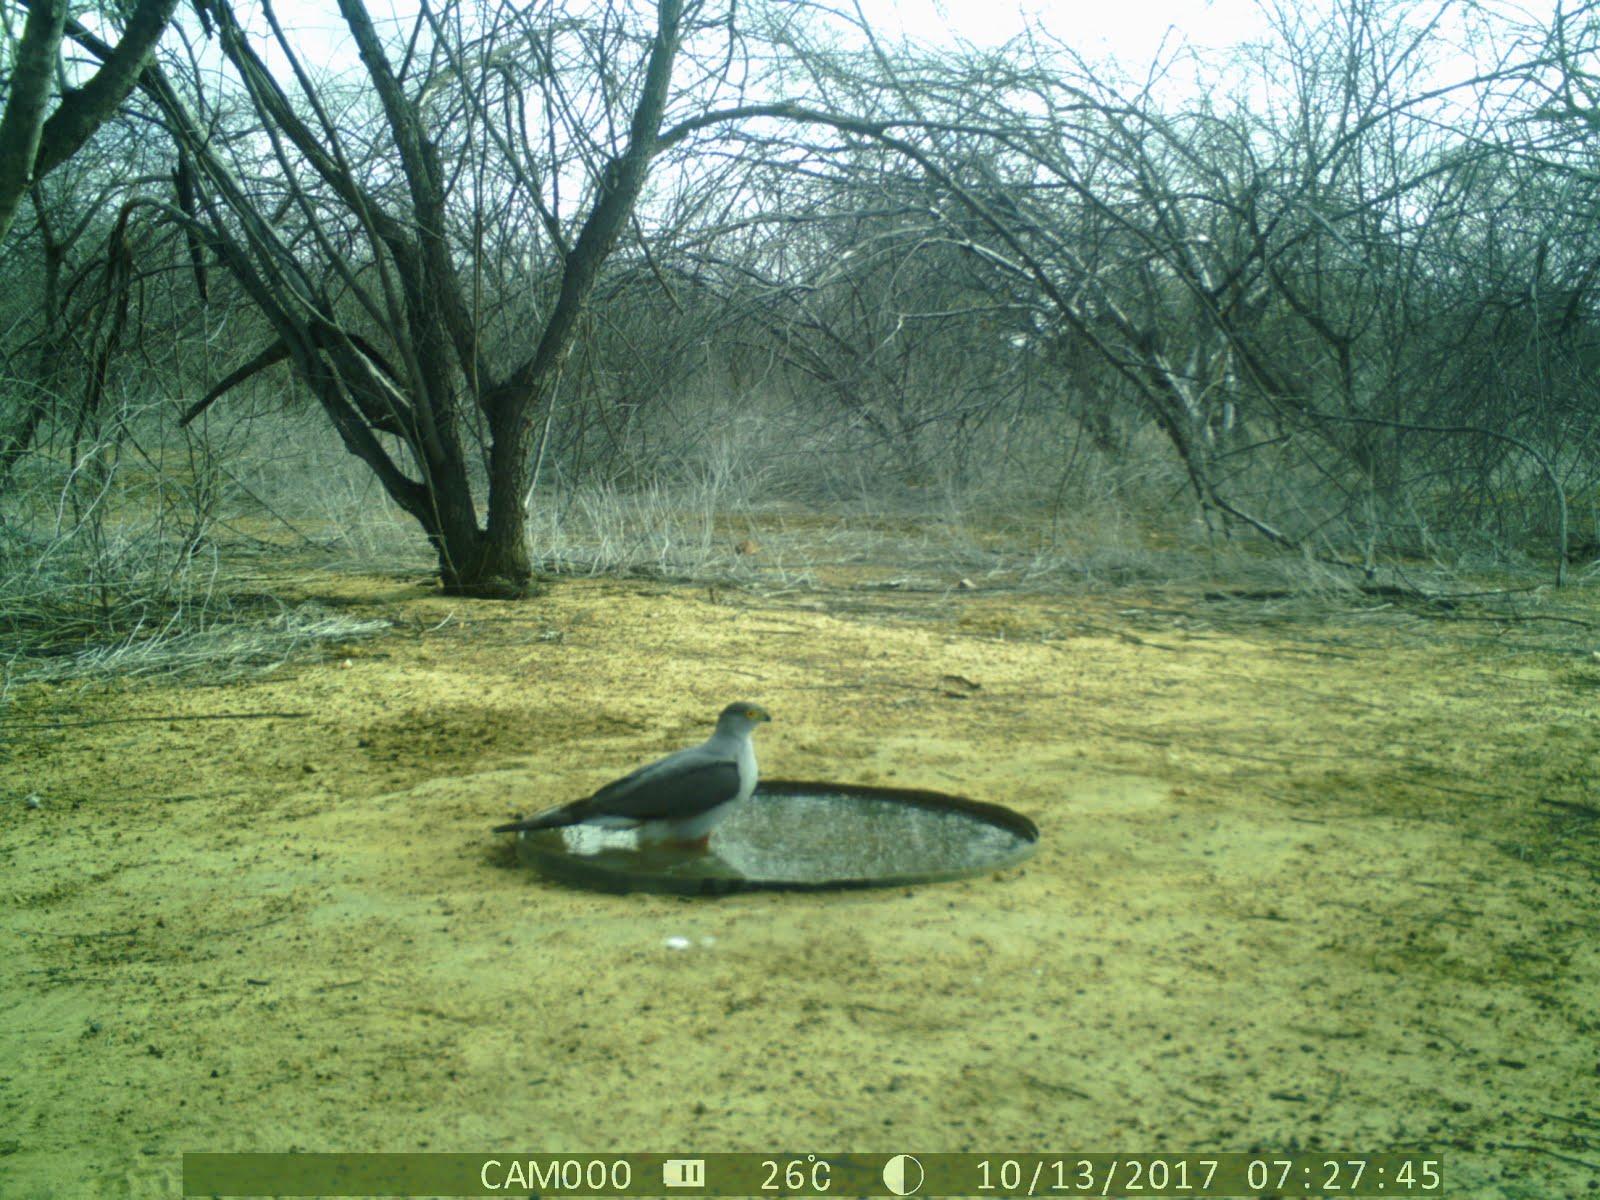 Uma gavião tomando banho